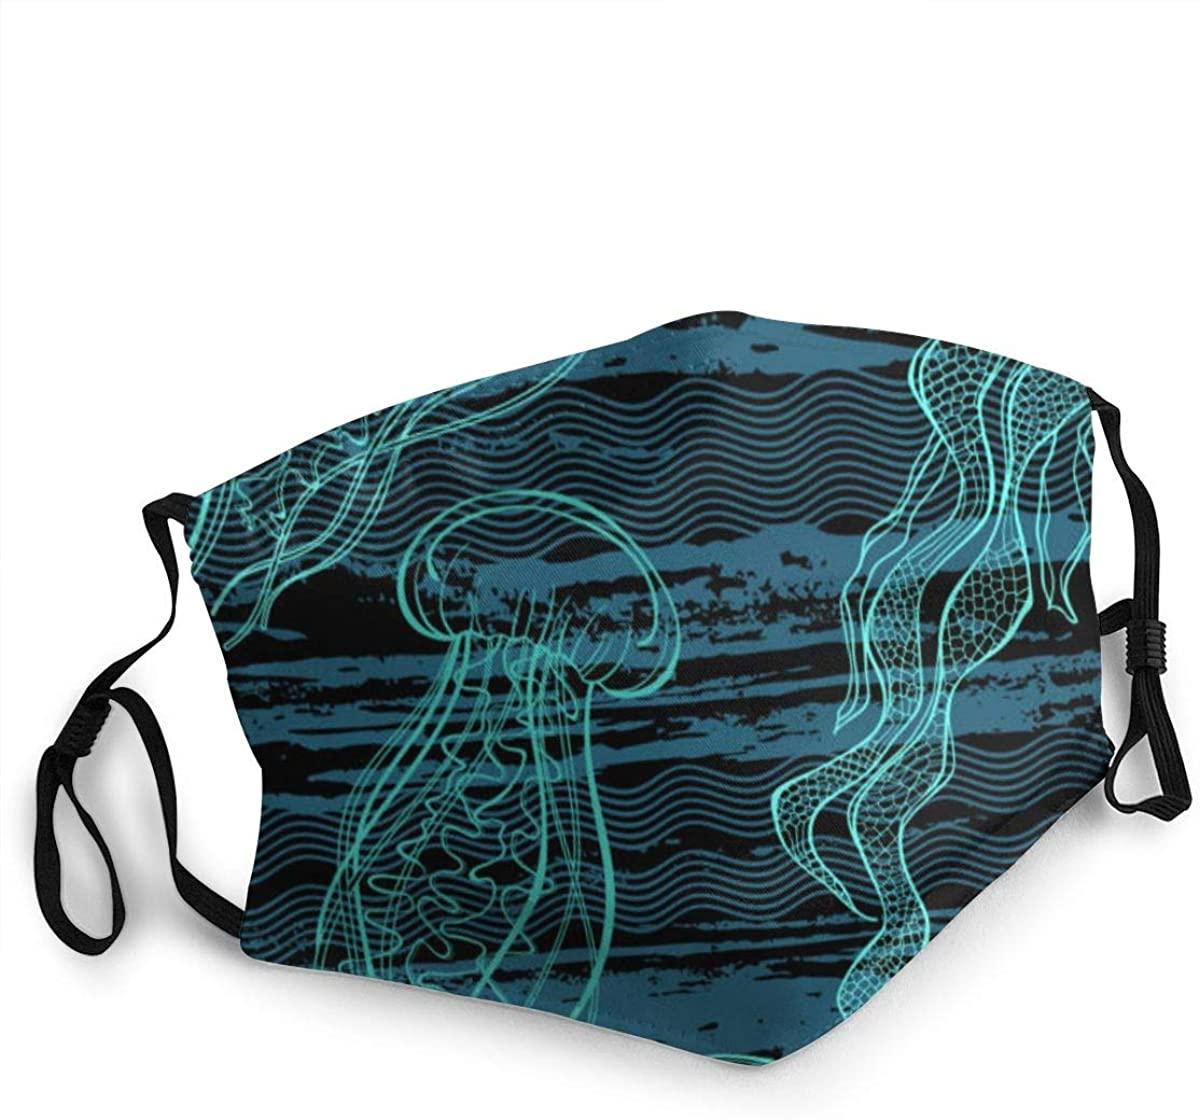 Fashion Protective Face Masks, Jellyfish Unisex Dust Mouth Masks, Washable, Reusable Masks